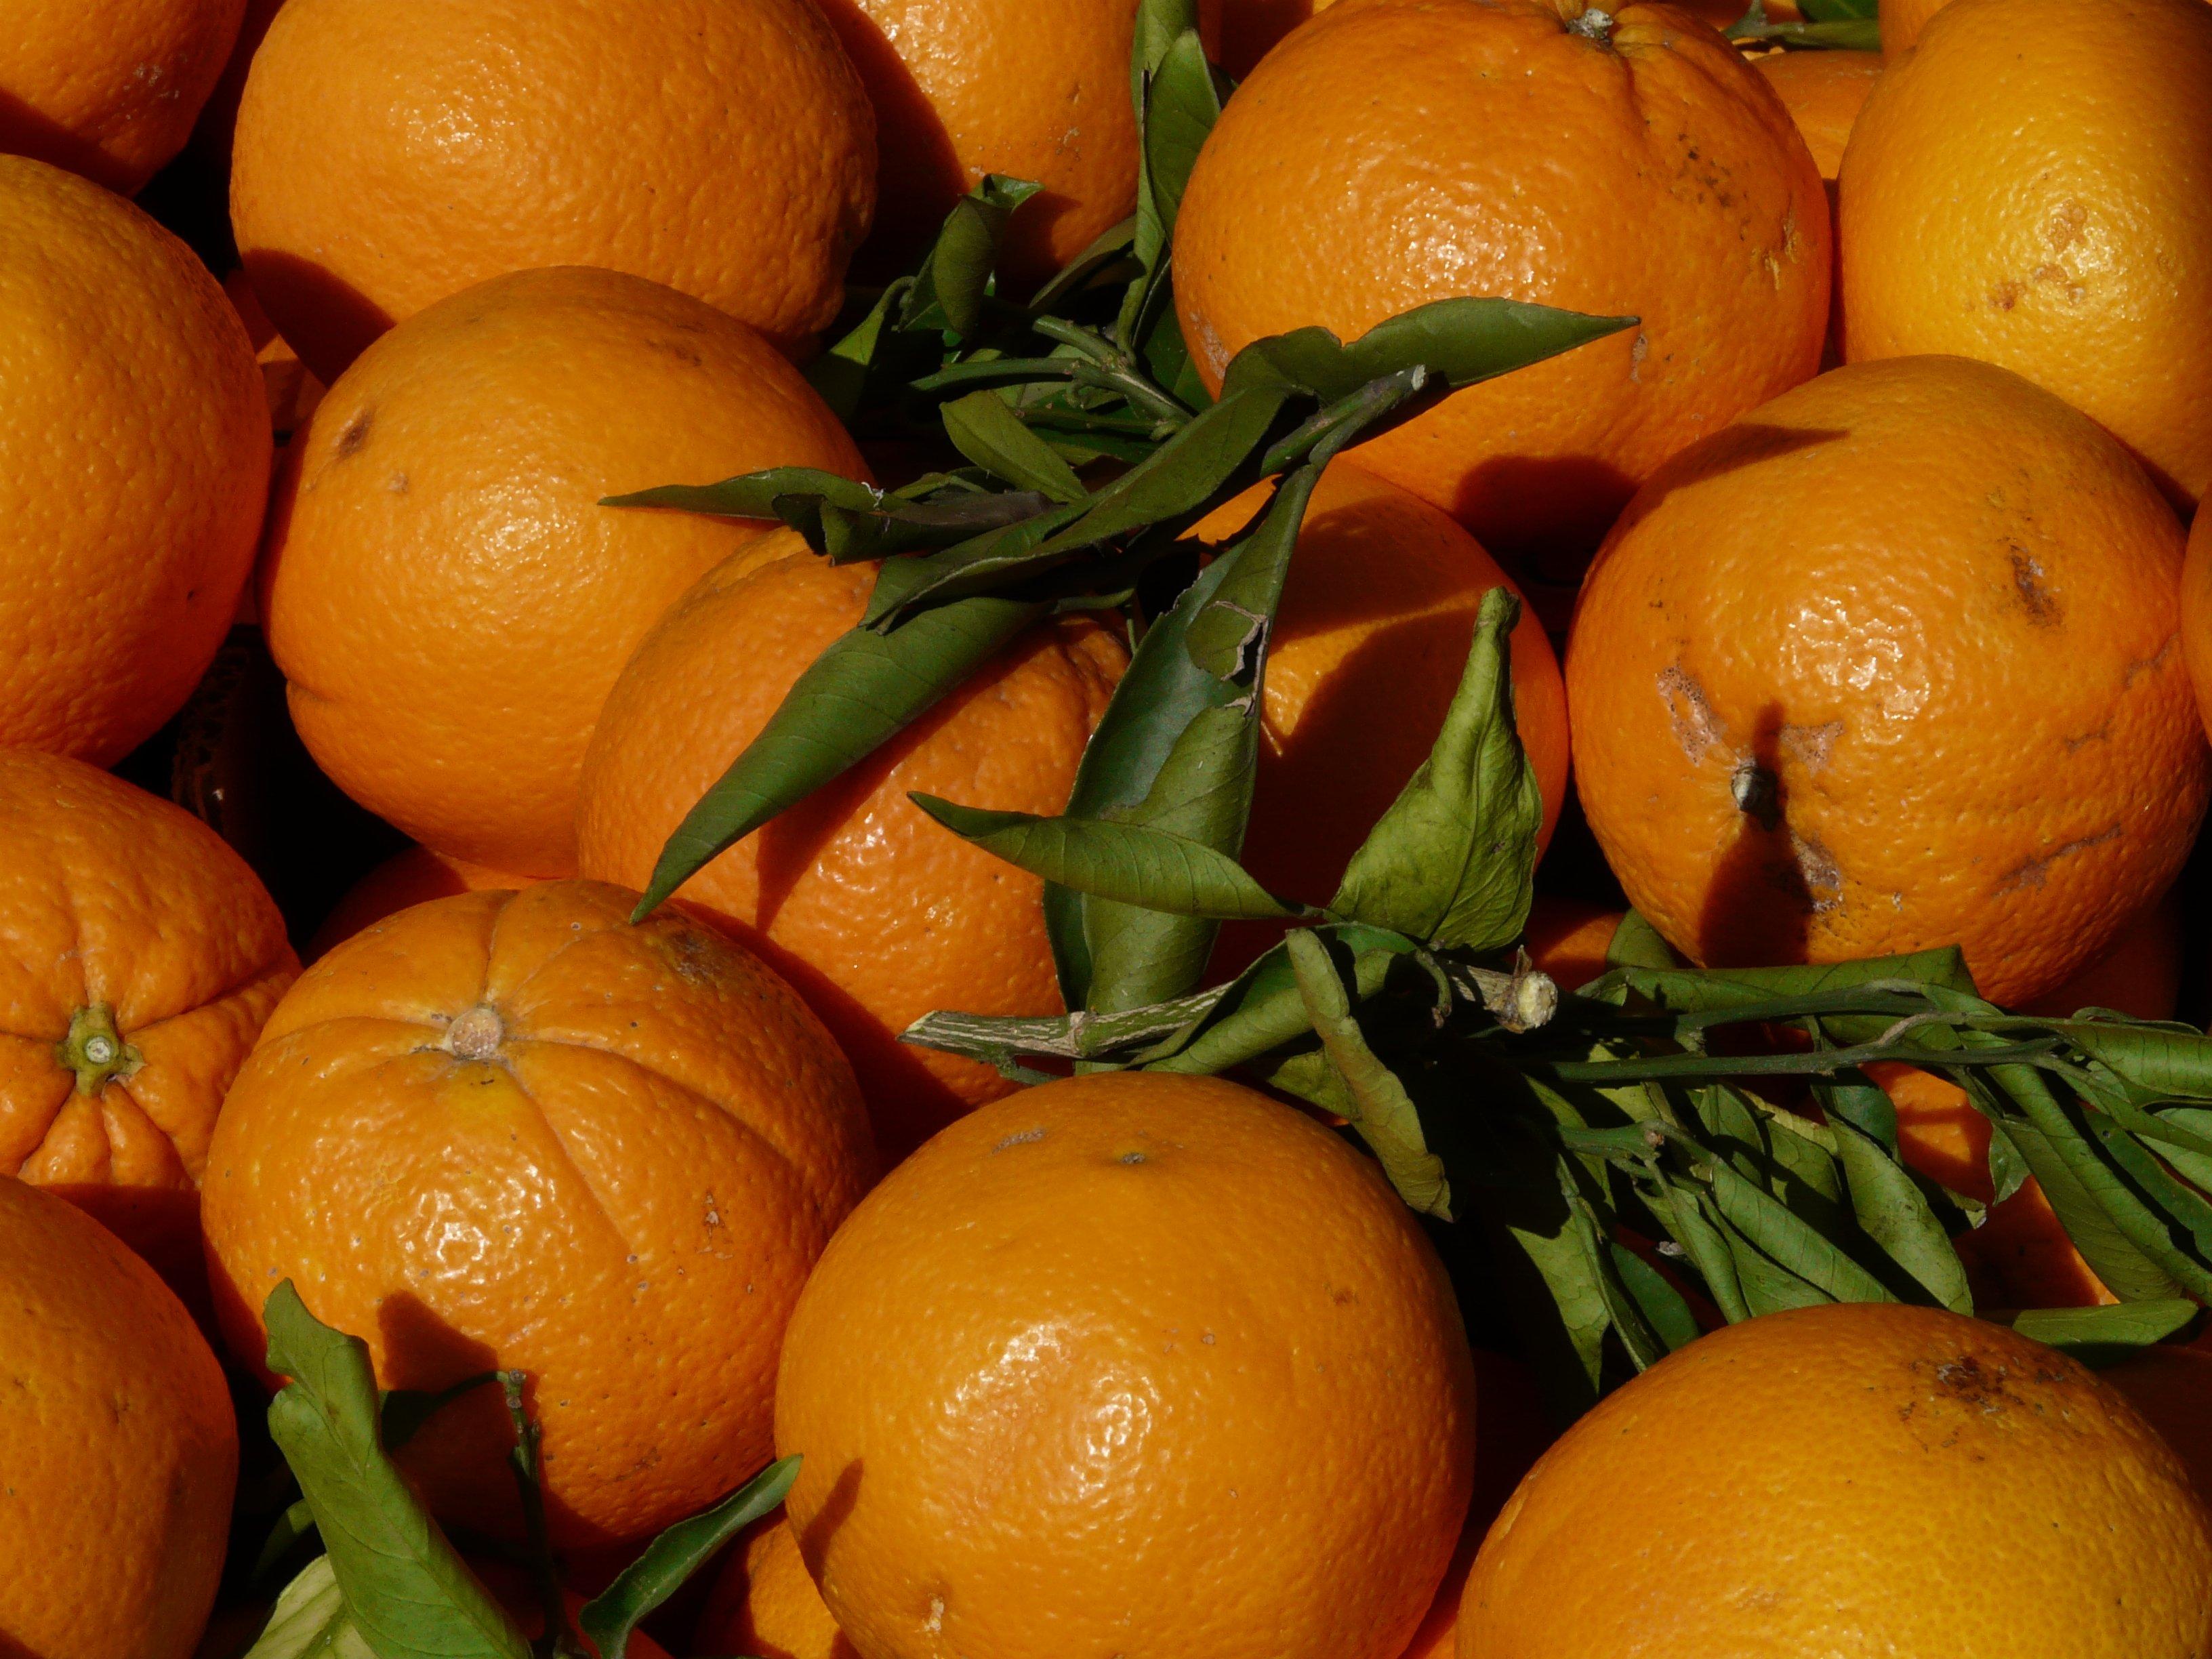 Картинки апельсинов фото